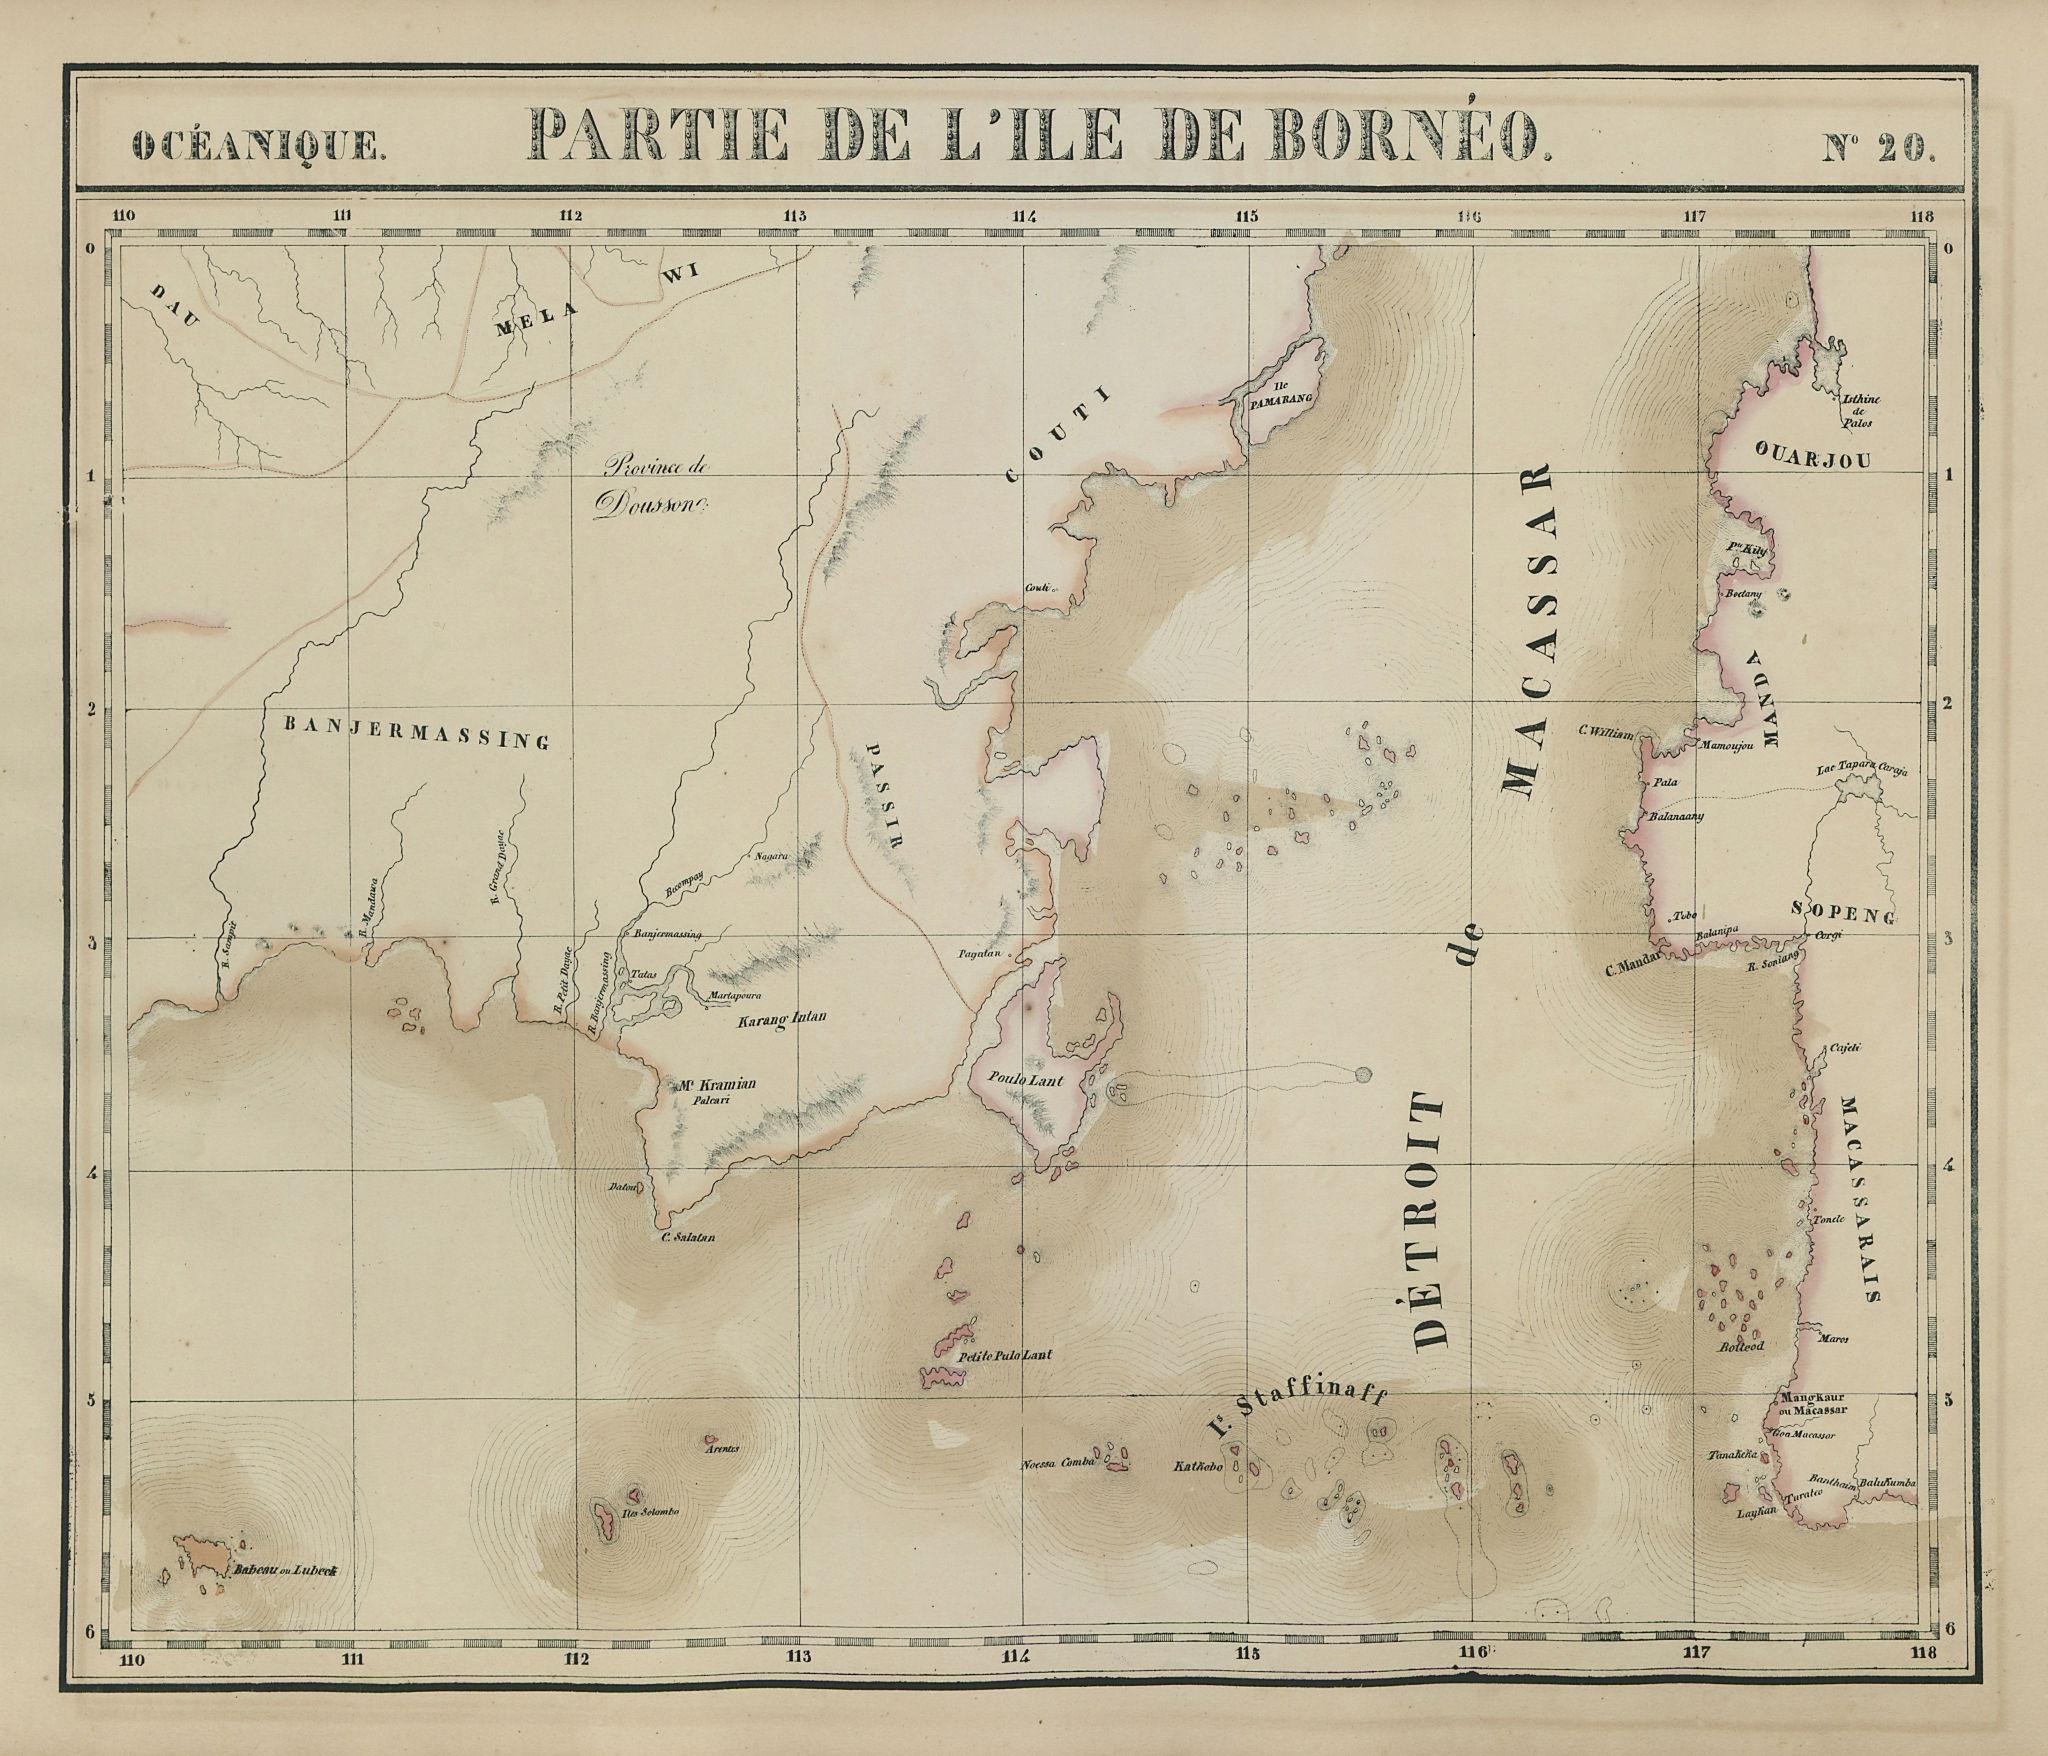 Océanique. Partie de l'ile de Bornéo #20. Sulawesi. VANDERMAELEN 1827 old map